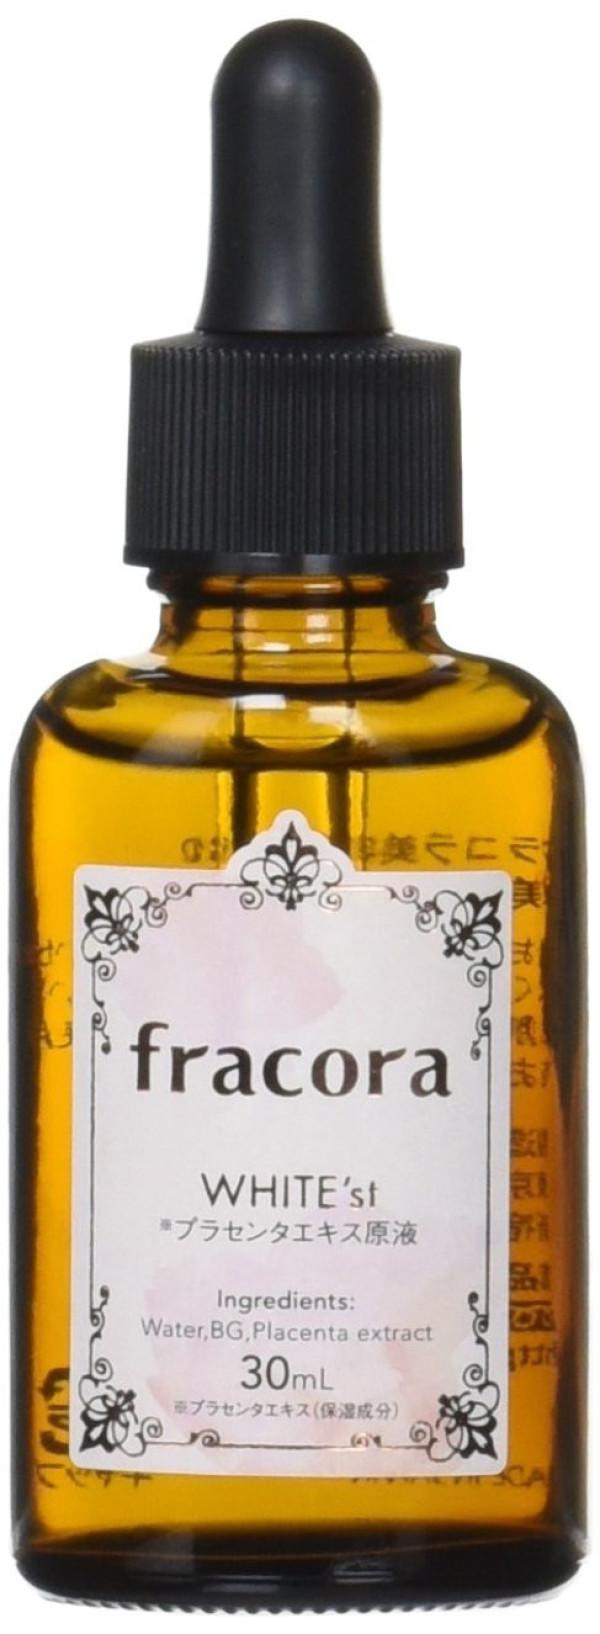 Экстракт плаценты Fracora WHITE Placenta Extract